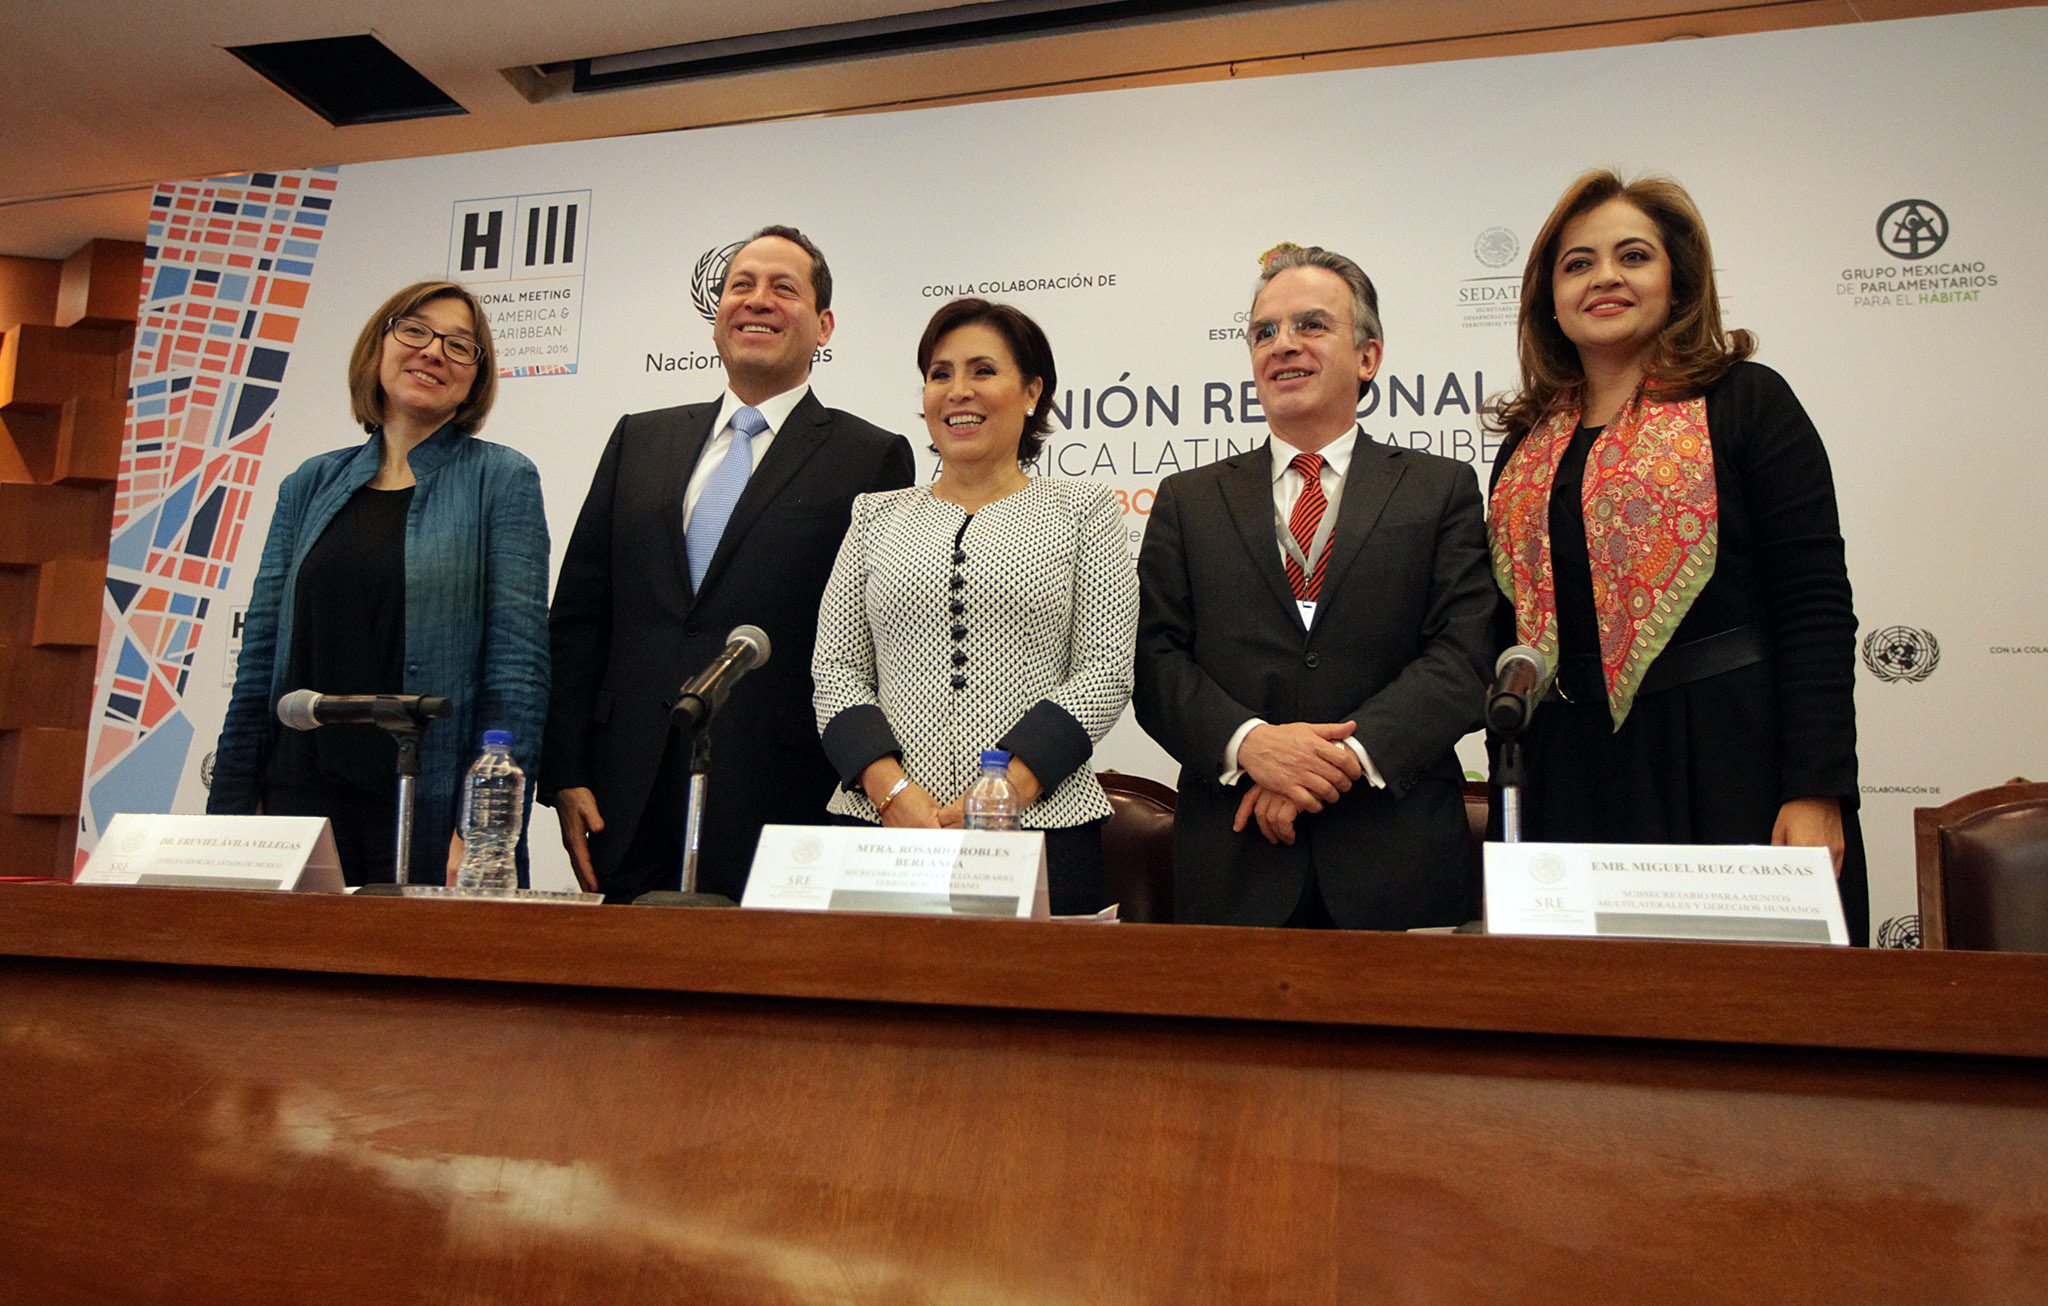 Imagen vía Gobierno CDMX